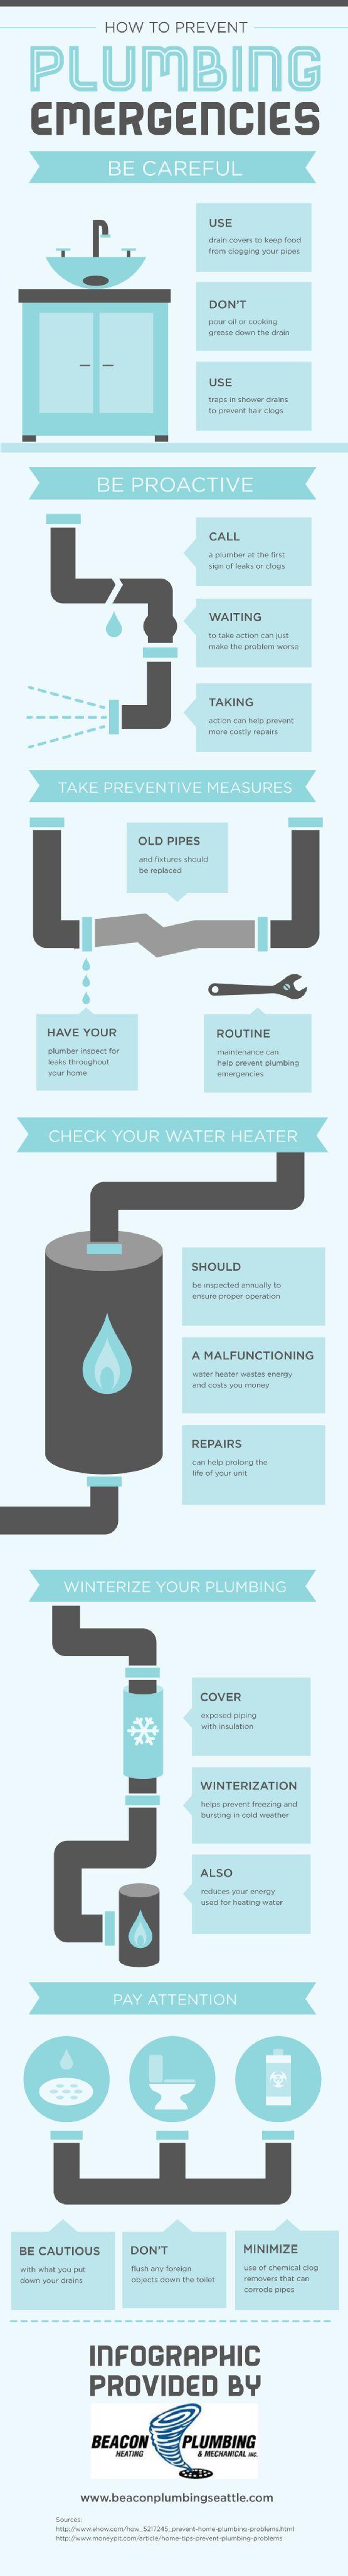 How To Prevent Plumbing Emergencies [INFOGRAPHIC] #plumbing#emergencies